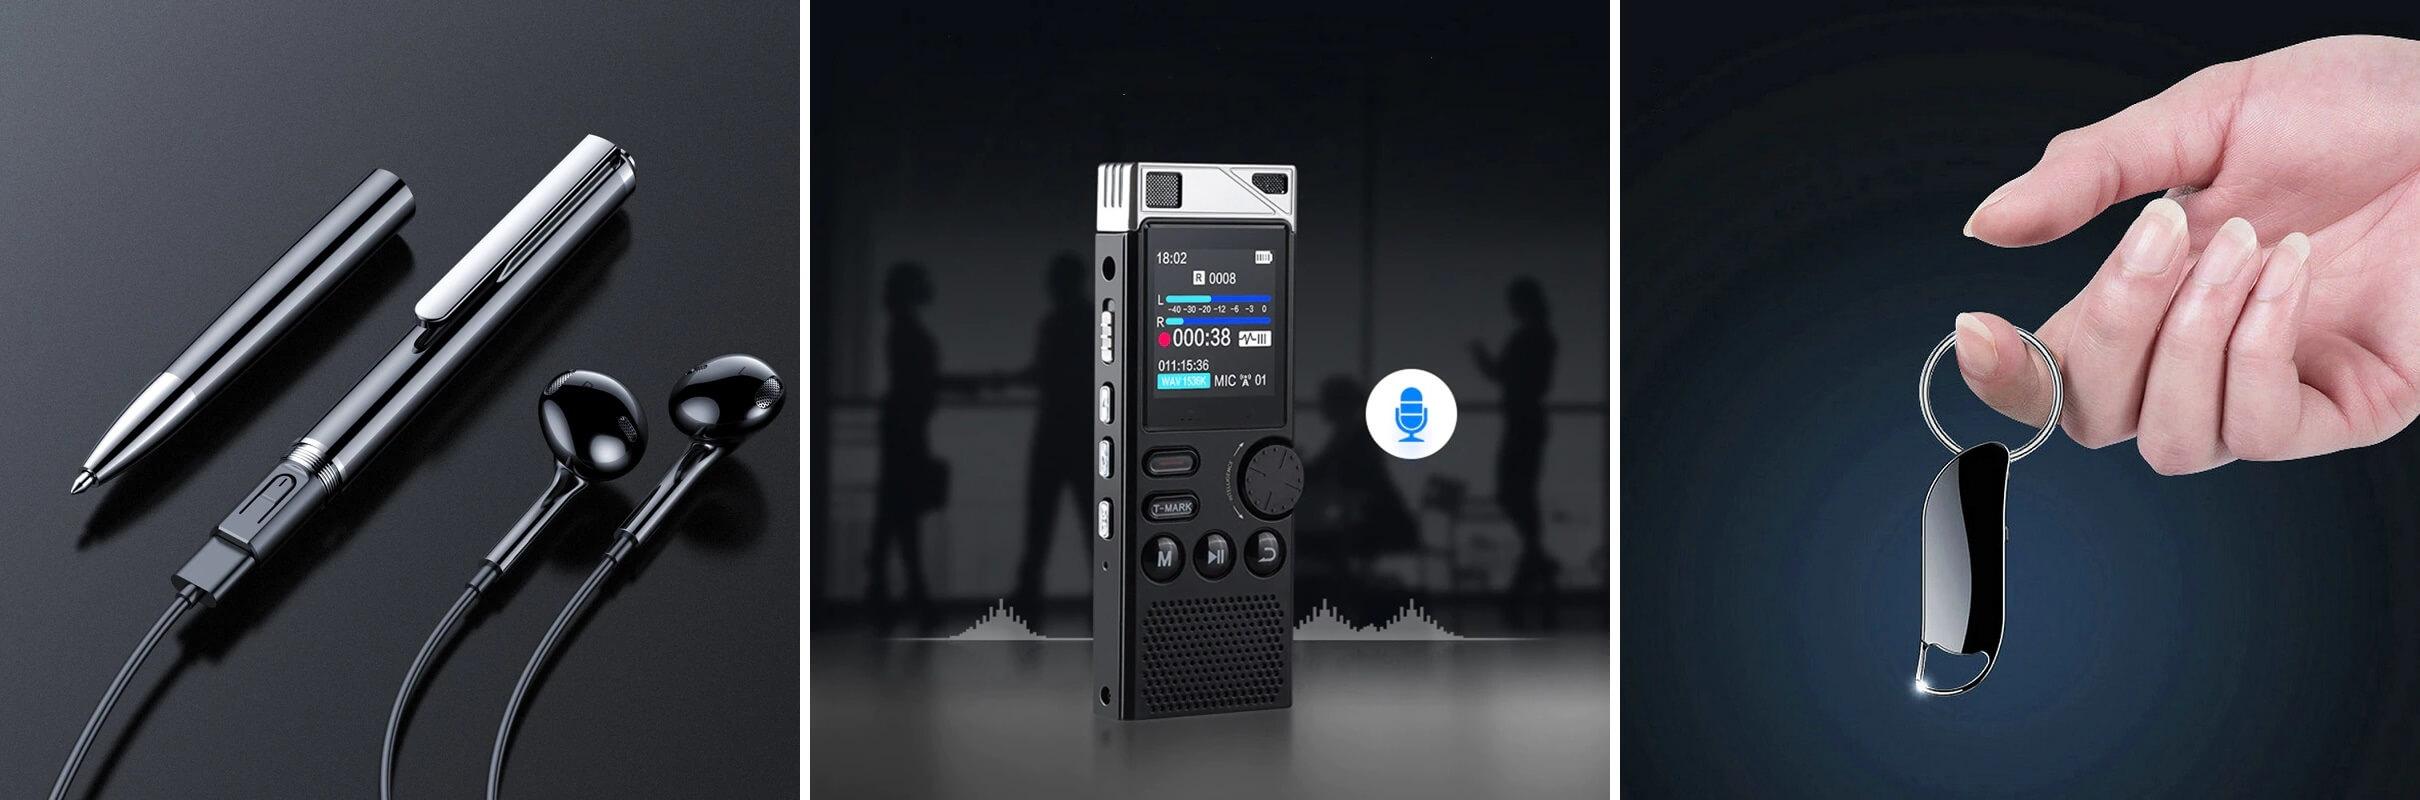 ТОП-10 диктофонов с Алиэкспресс